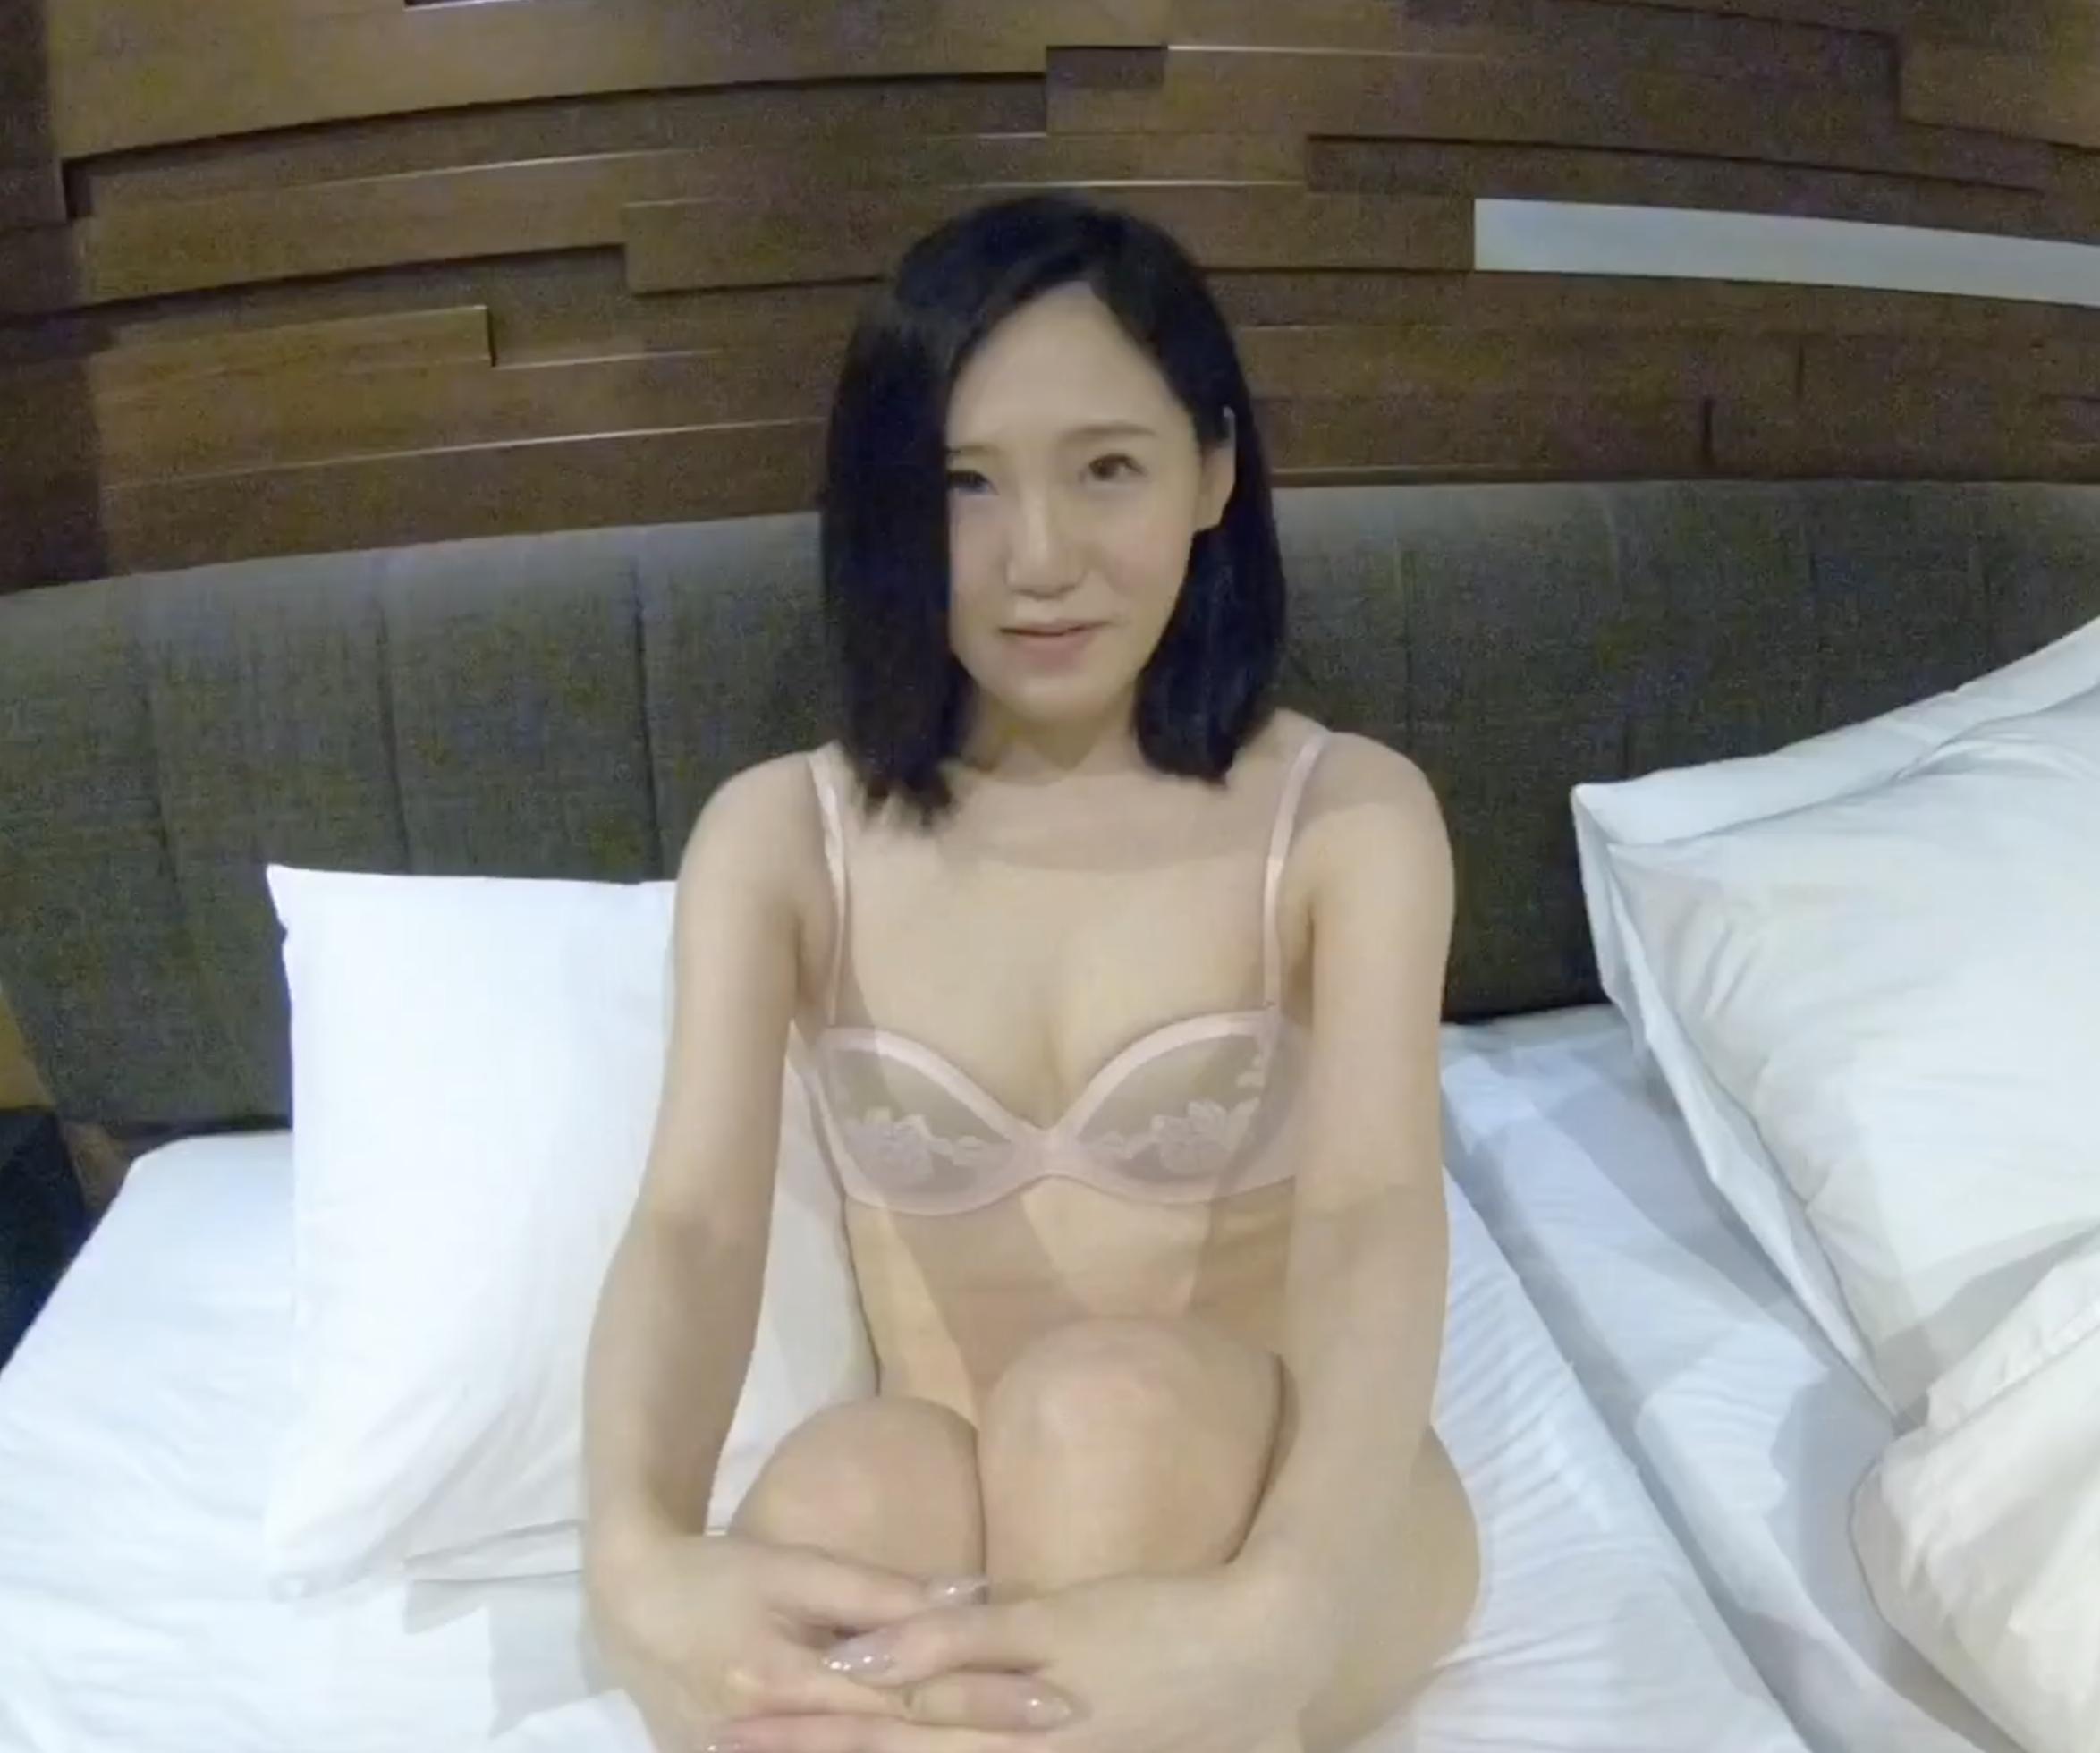 [個人撮影]ハメ撮り作品!芸能人級美女24歳えれなちゃん第2弾